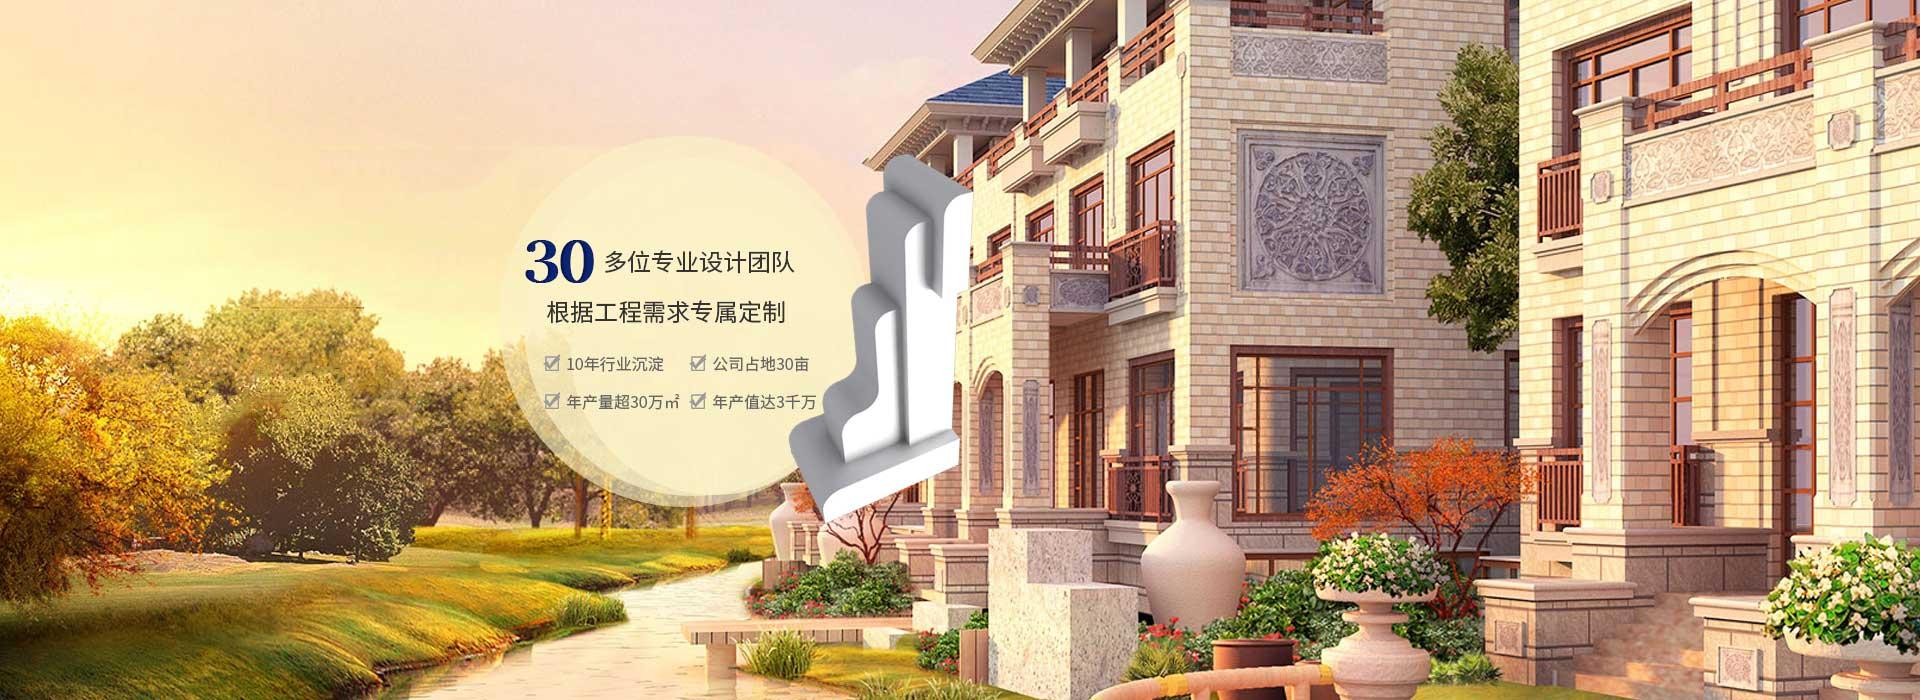 武漢万搏体育官网